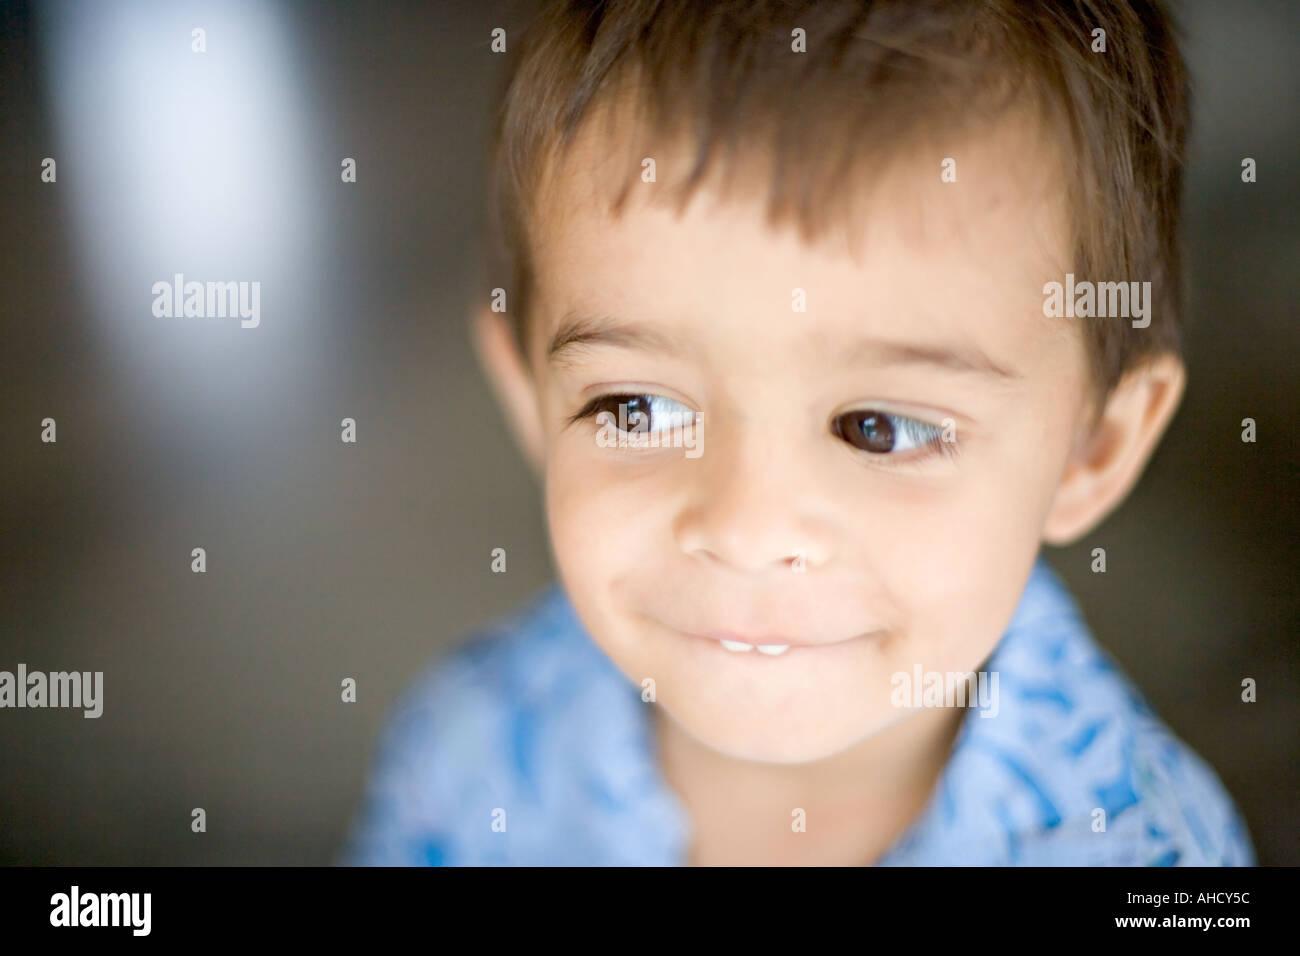 Cámara mira hacia abajo en un pequeño y lindo chico con el pelo marrón y una pícara sonrisa Imagen De Stock